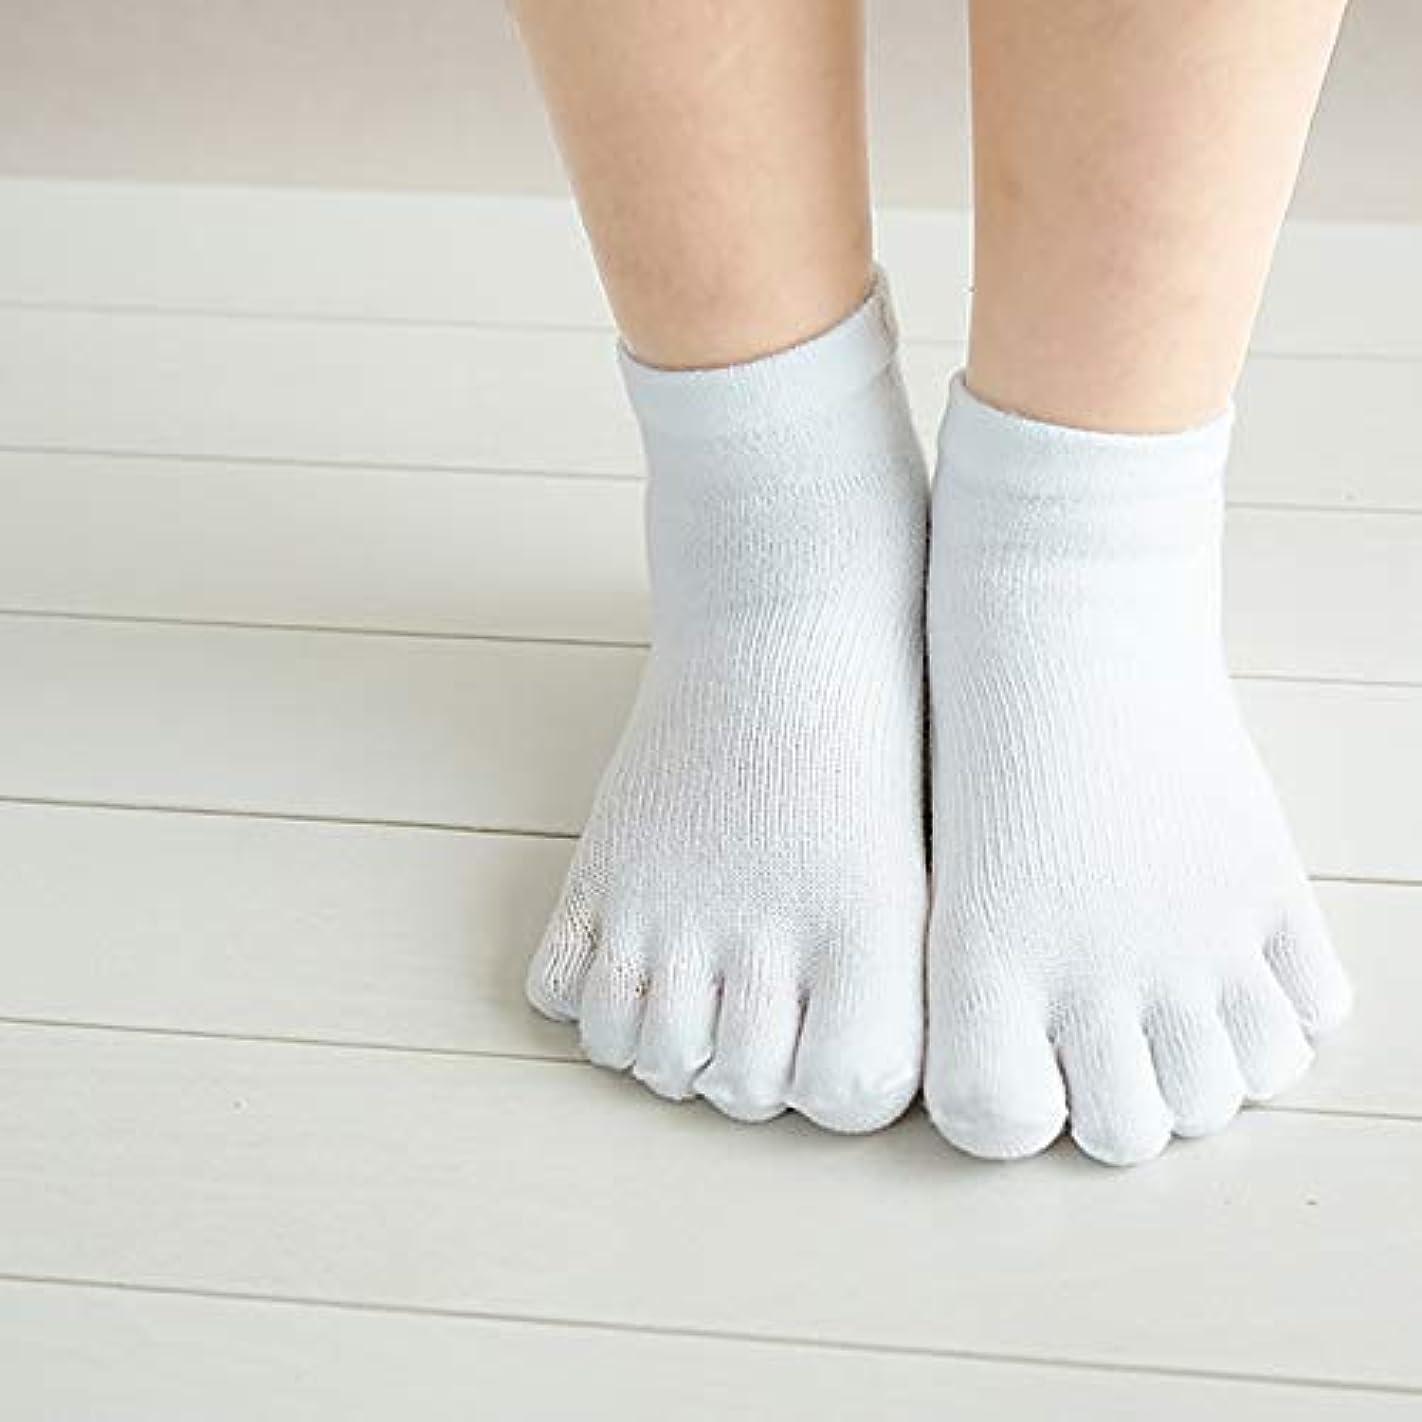 不毛の所有権ウルルゆびのばソックス Neo アズキッズ ホワイト 幼児用靴下 5本指ソックス